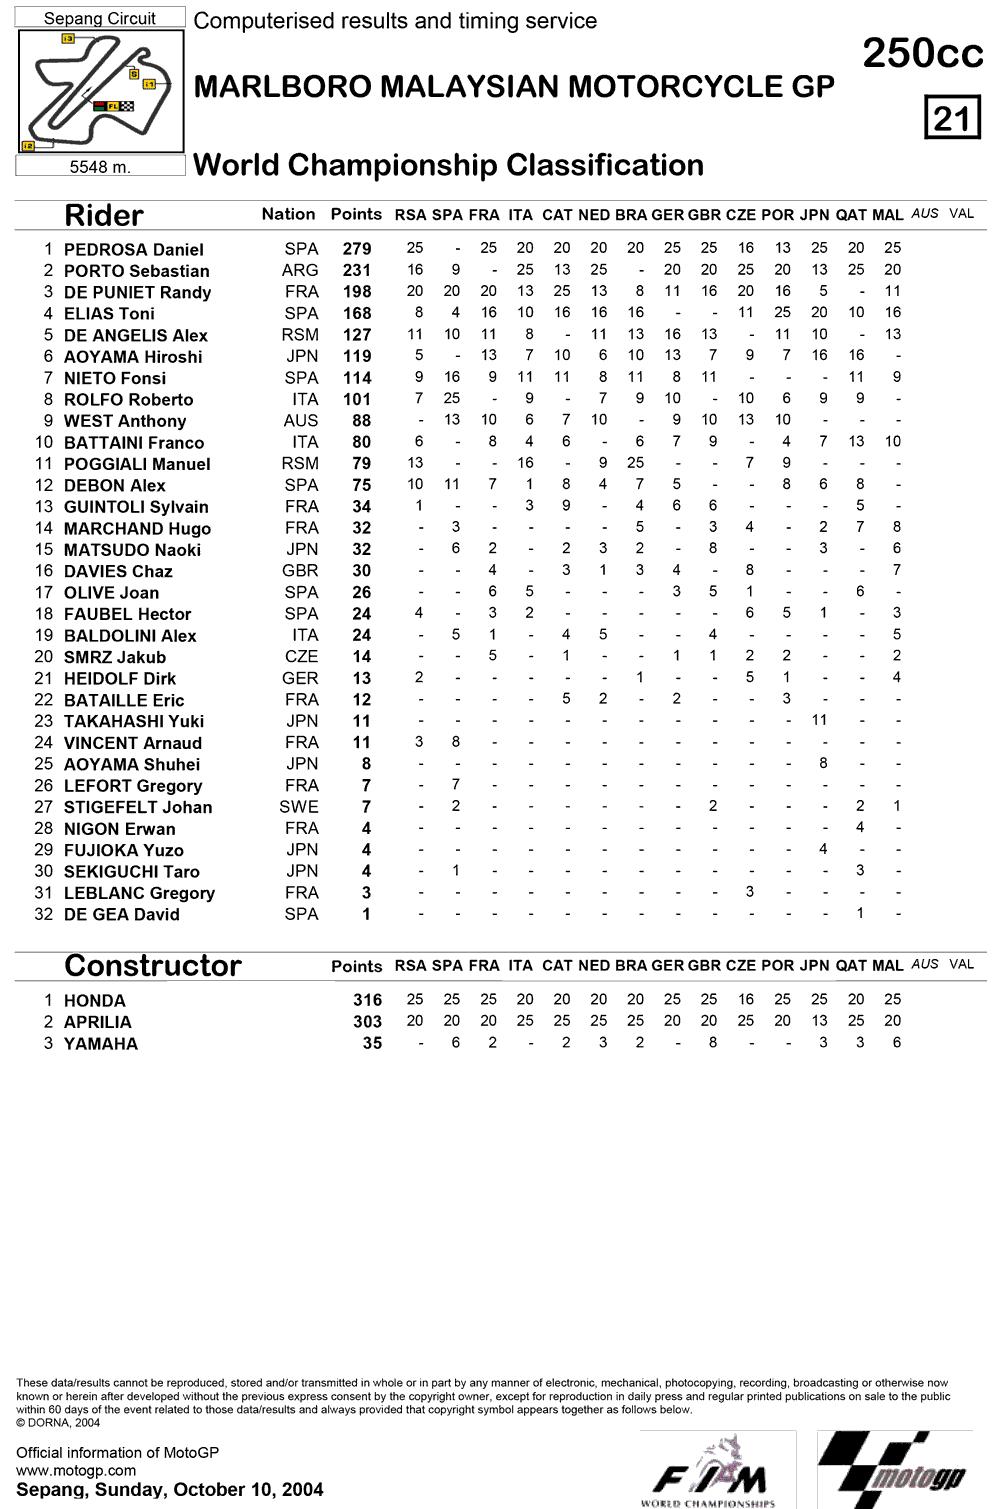 Позиции в чемпионате после четырнадцатой гонки 250cc Гран-При Малайзии 2004